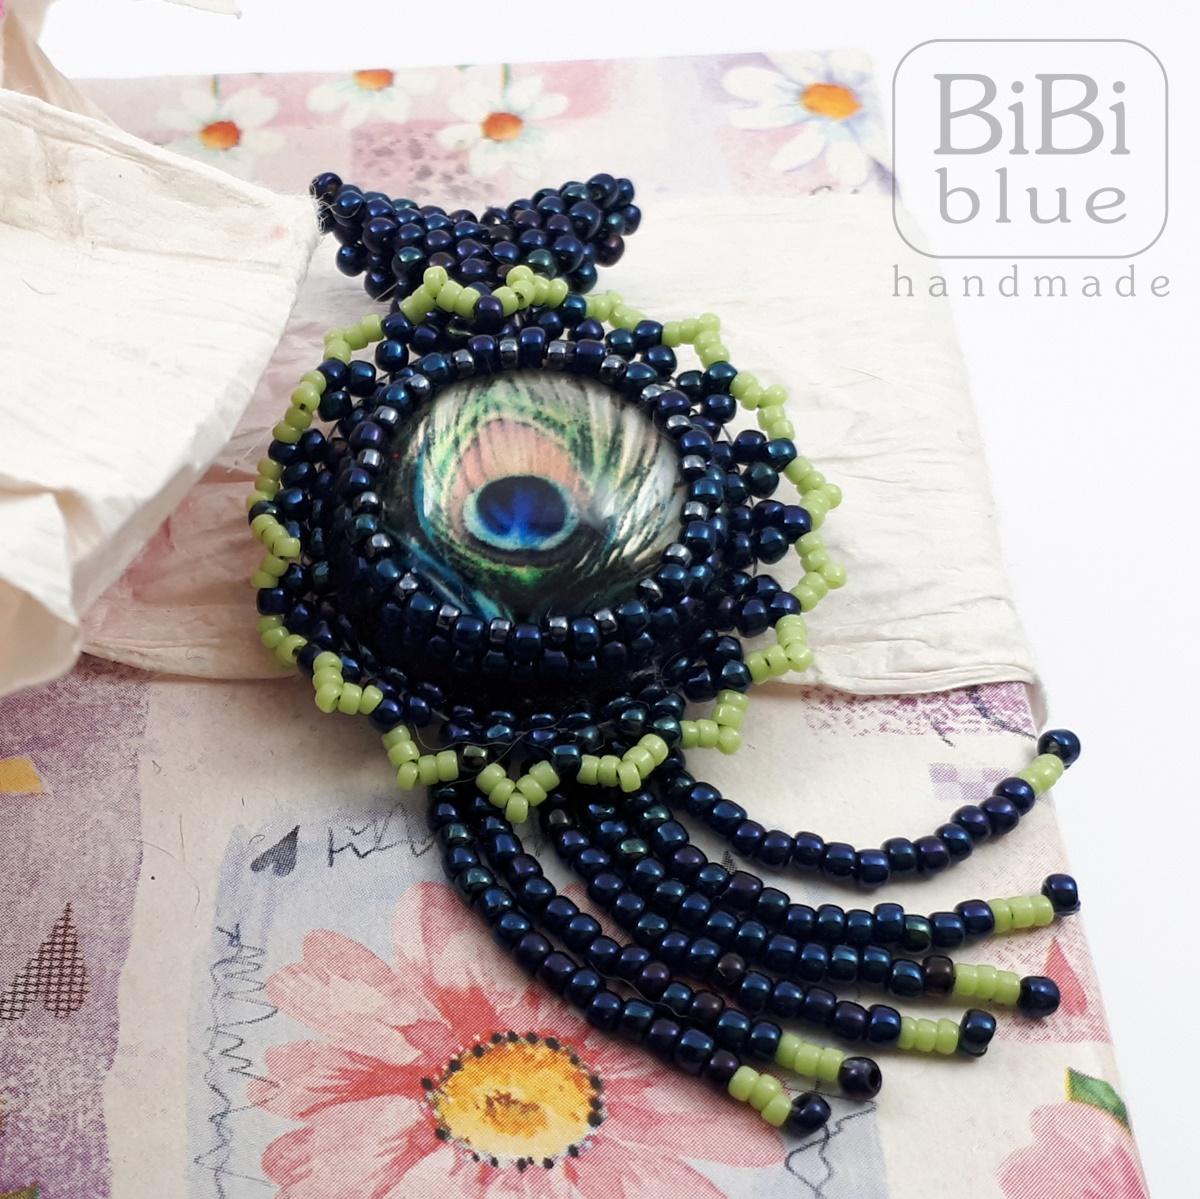 Bibi Blue Nude Photos 2